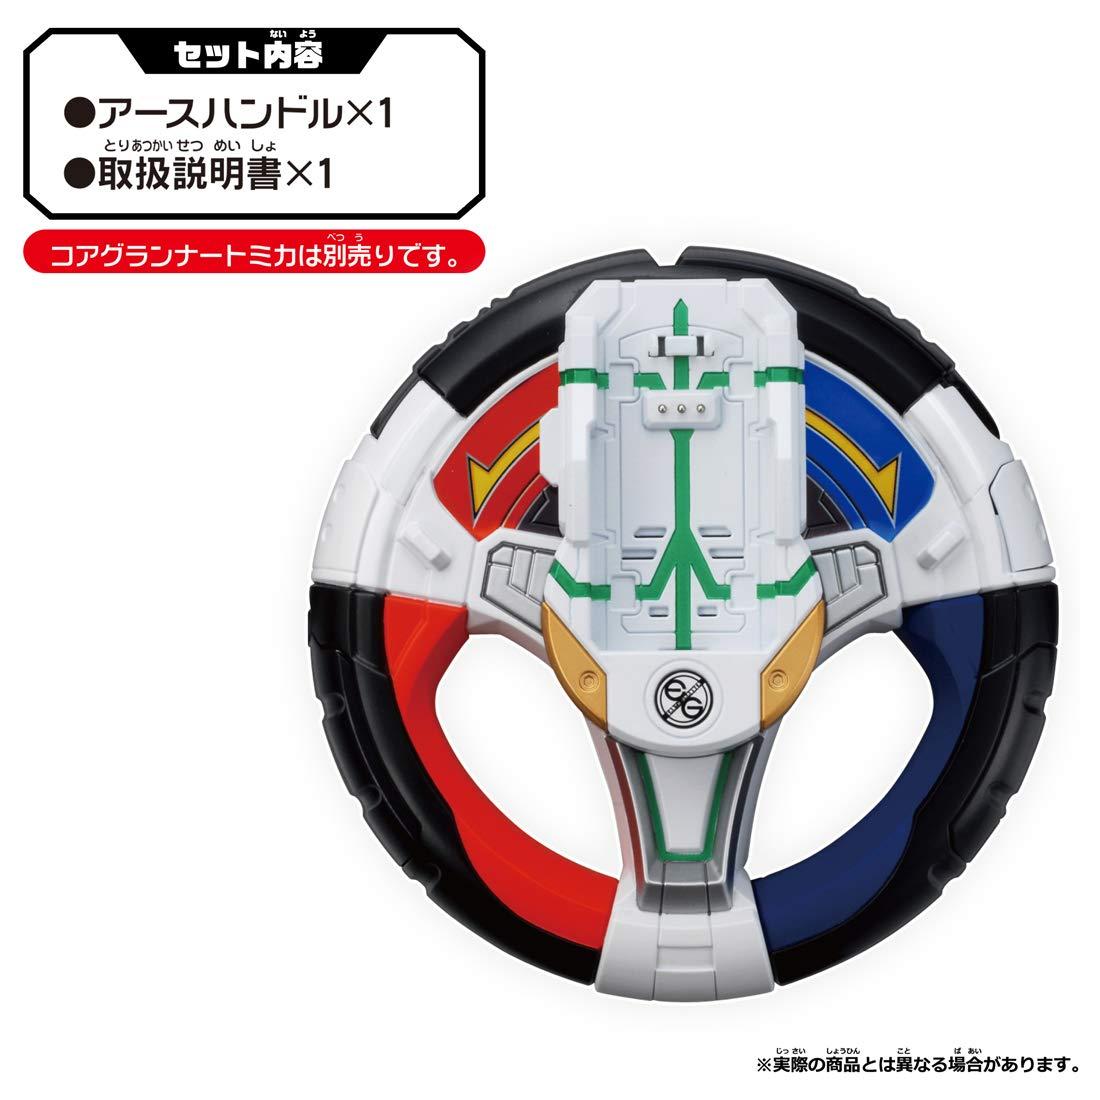 トミカ絆合体 アースグランナー『アースブレス&アースハンドル シフトチェンジDXセット』変身なりきり-014